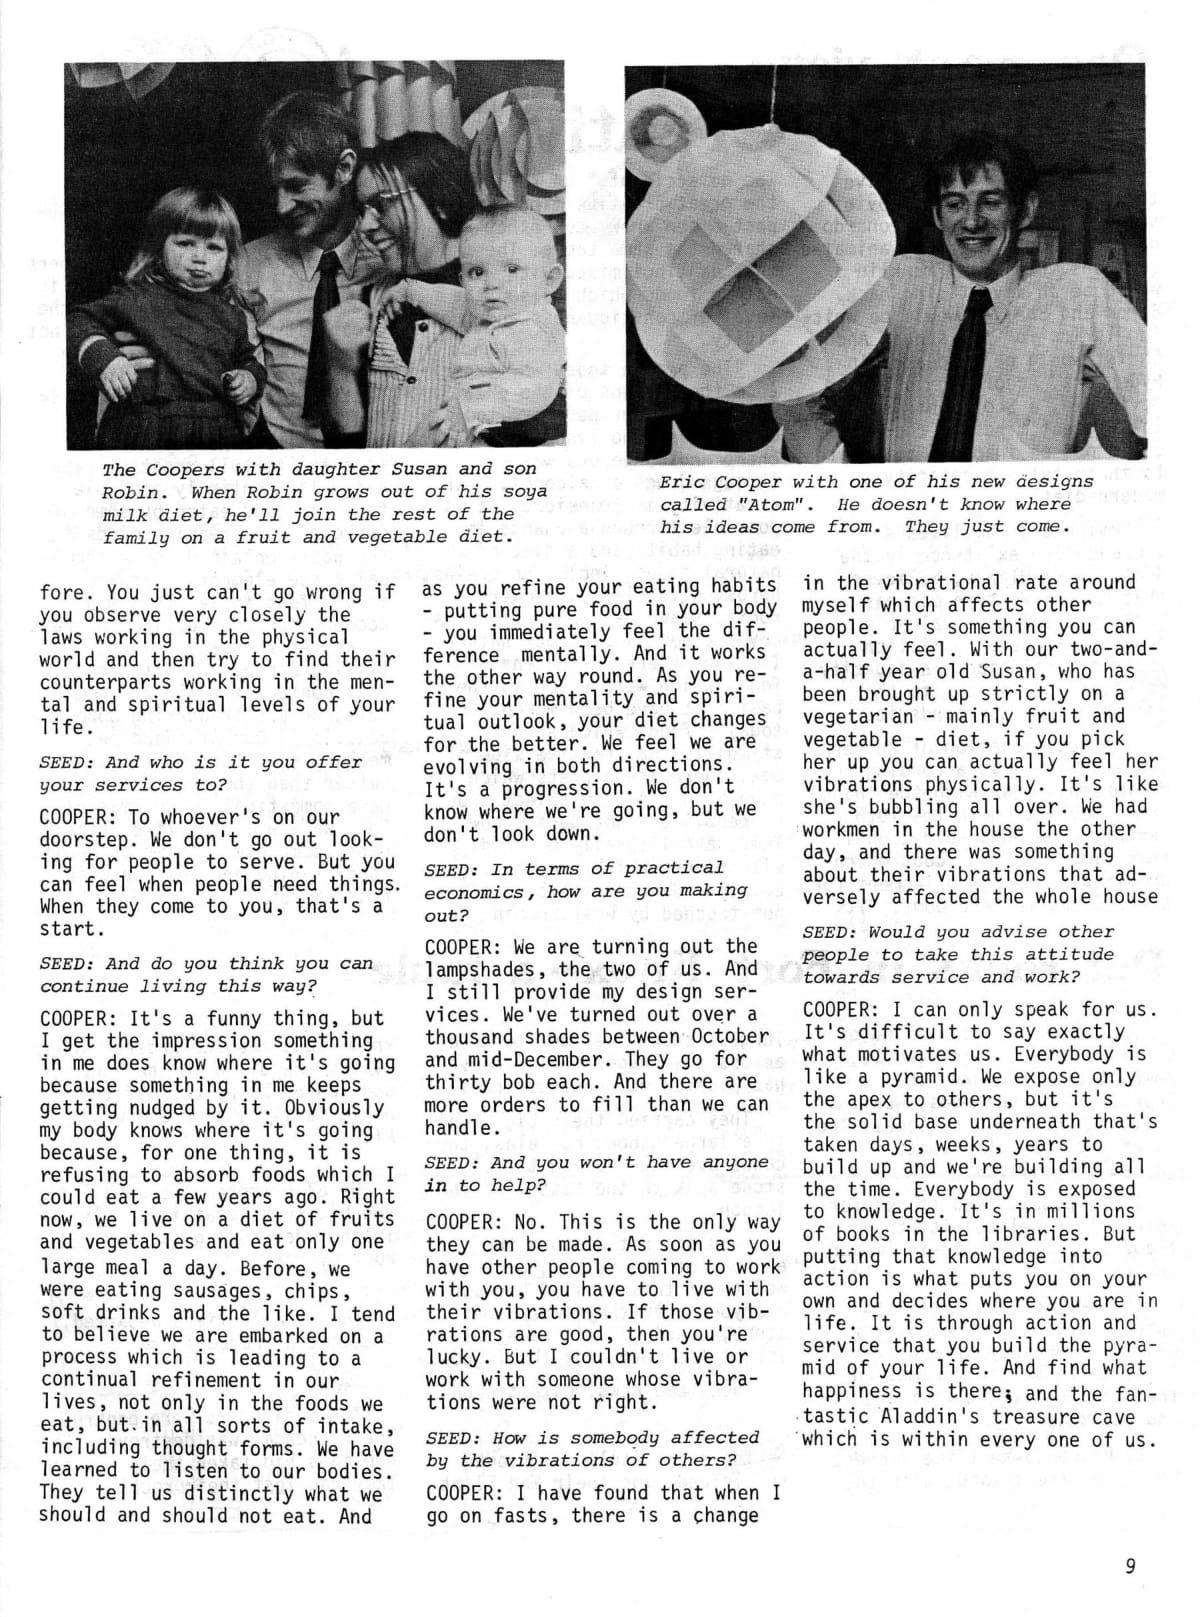 seed-v2-n2-feb1973-09.jpg